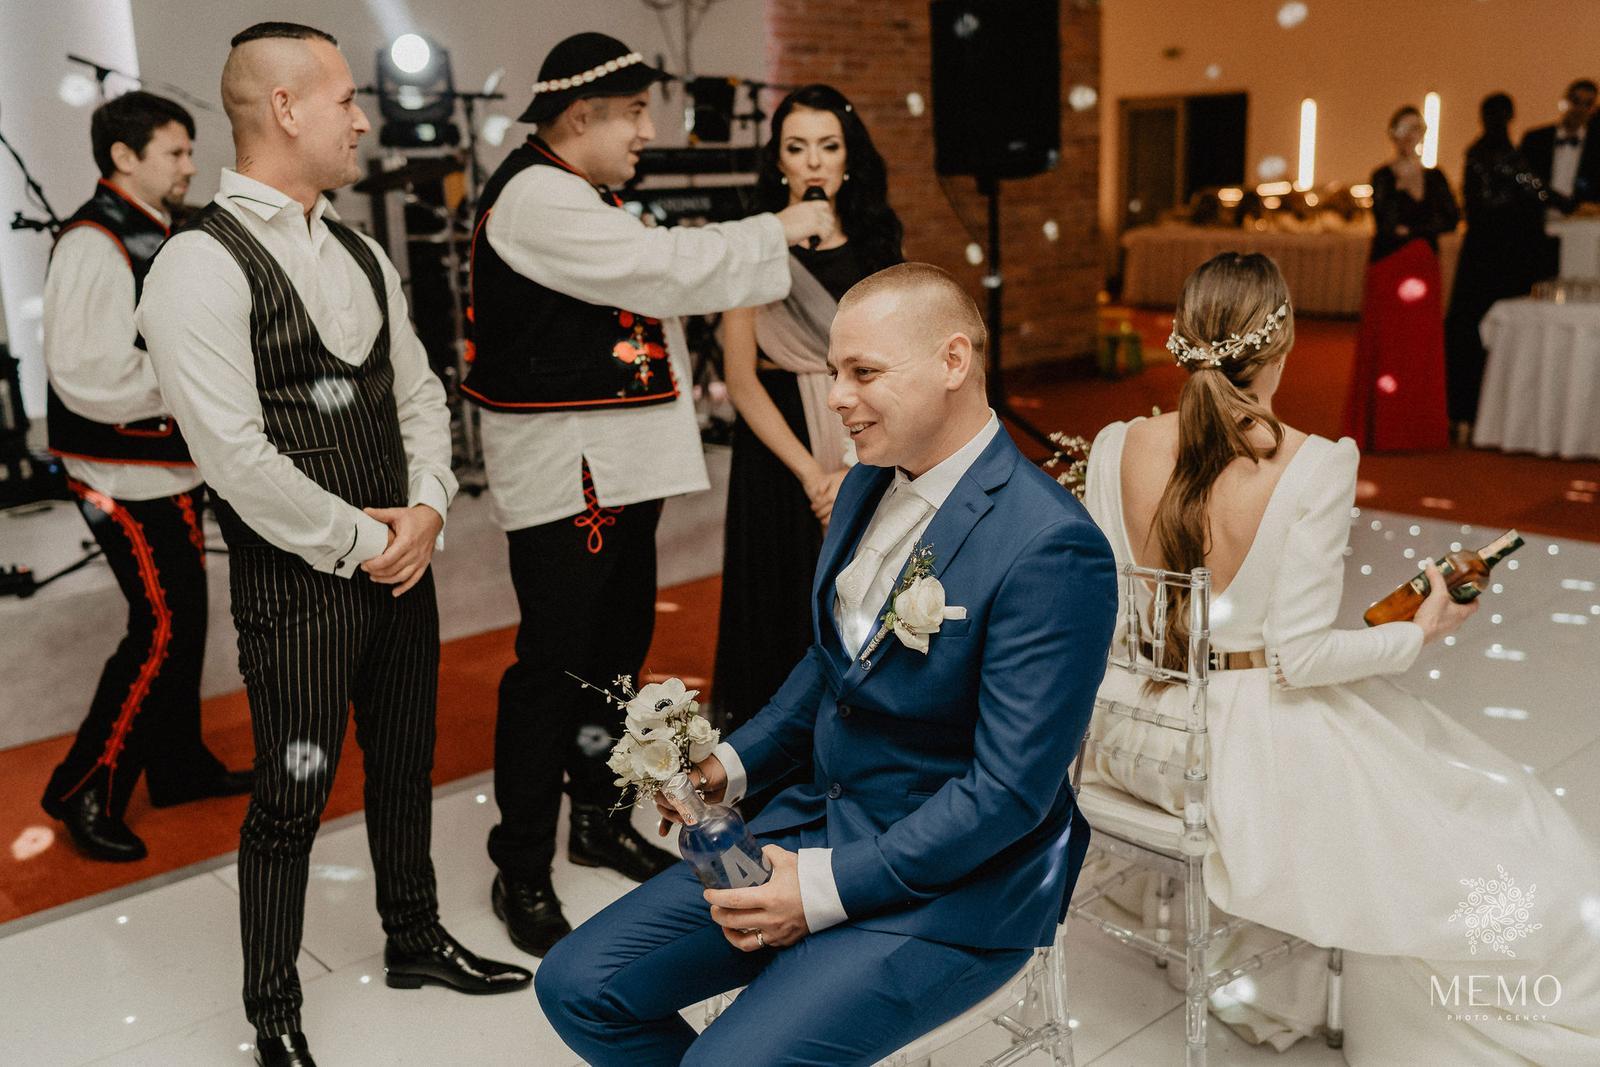 Milana sme pred svadbou... - Obrázok č. 3